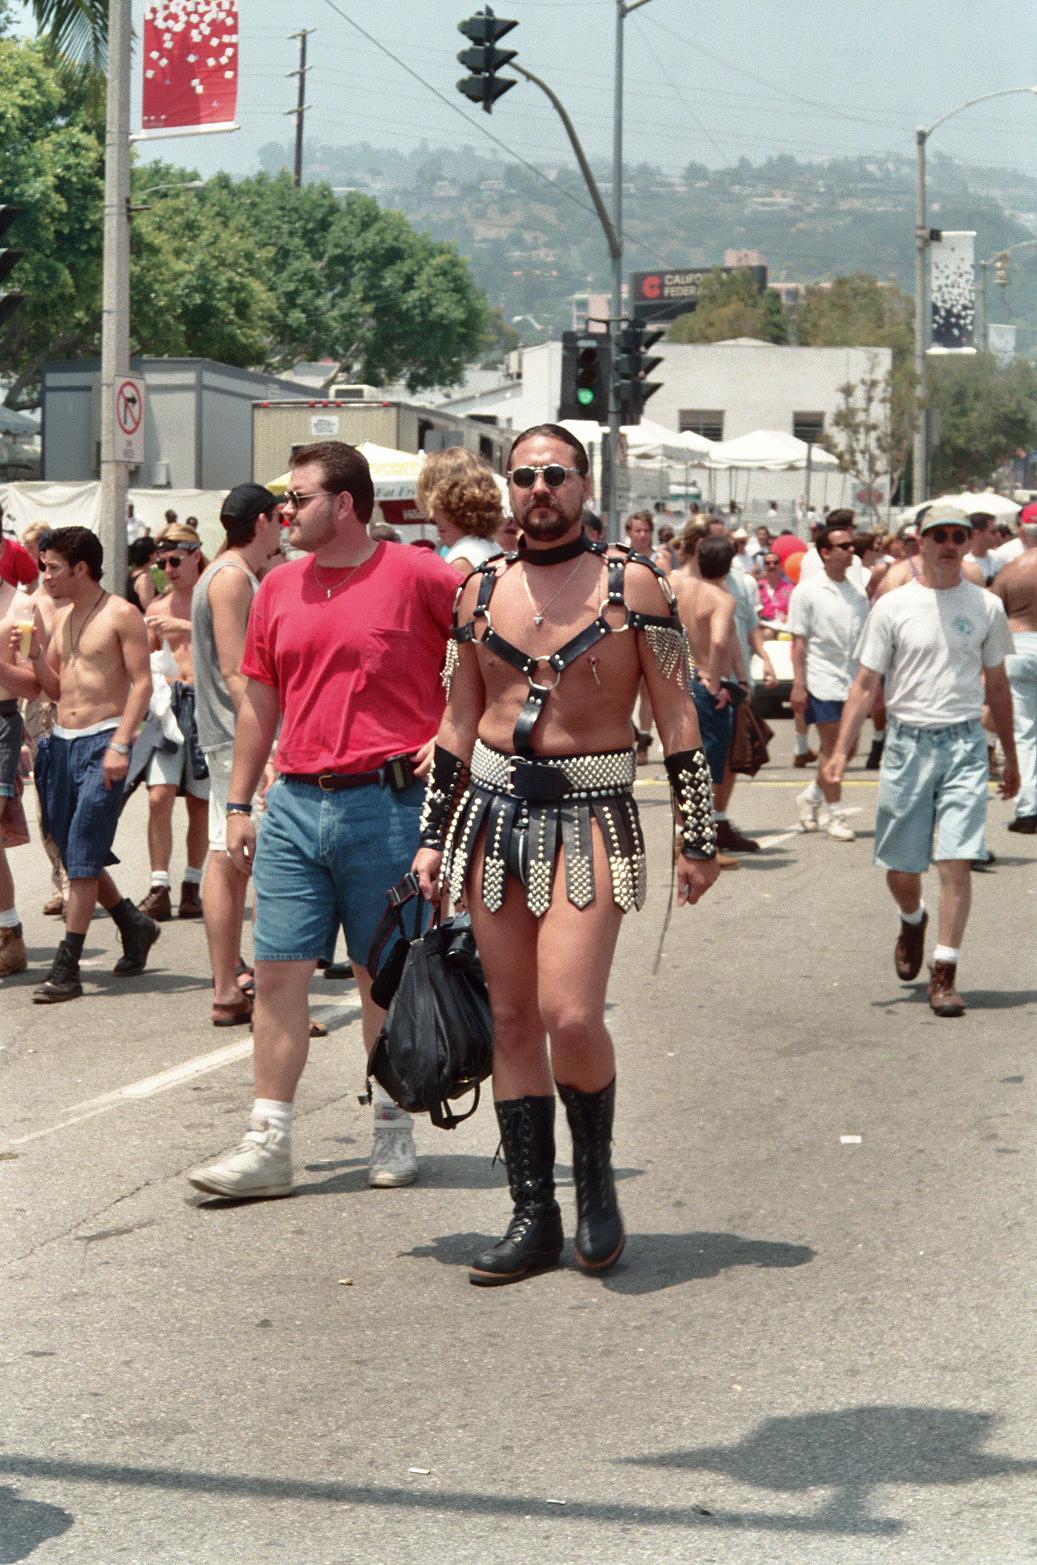 la-pride-1987-1995_21688034674_o